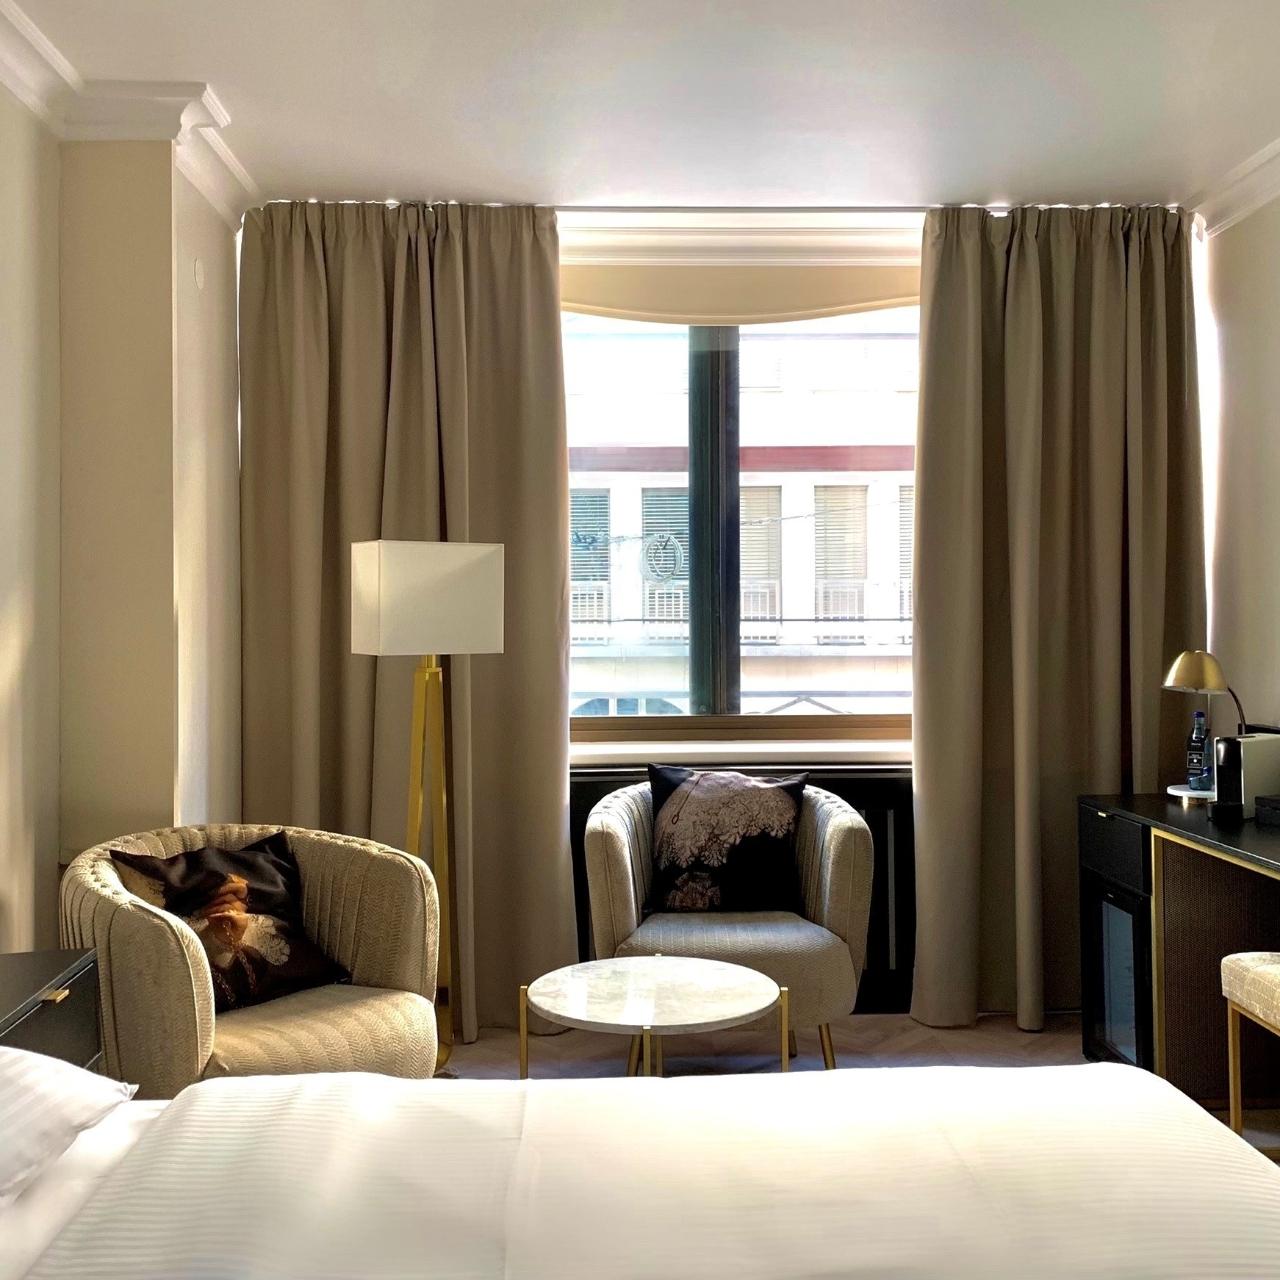 Wien: 4*Arthotel Ana Amadeus - Doppelzimmer inkl. Frühstück, 24h gratis Kaffee & Tee, Upgrade (n.V.) / gratis Storno / bis März 2022